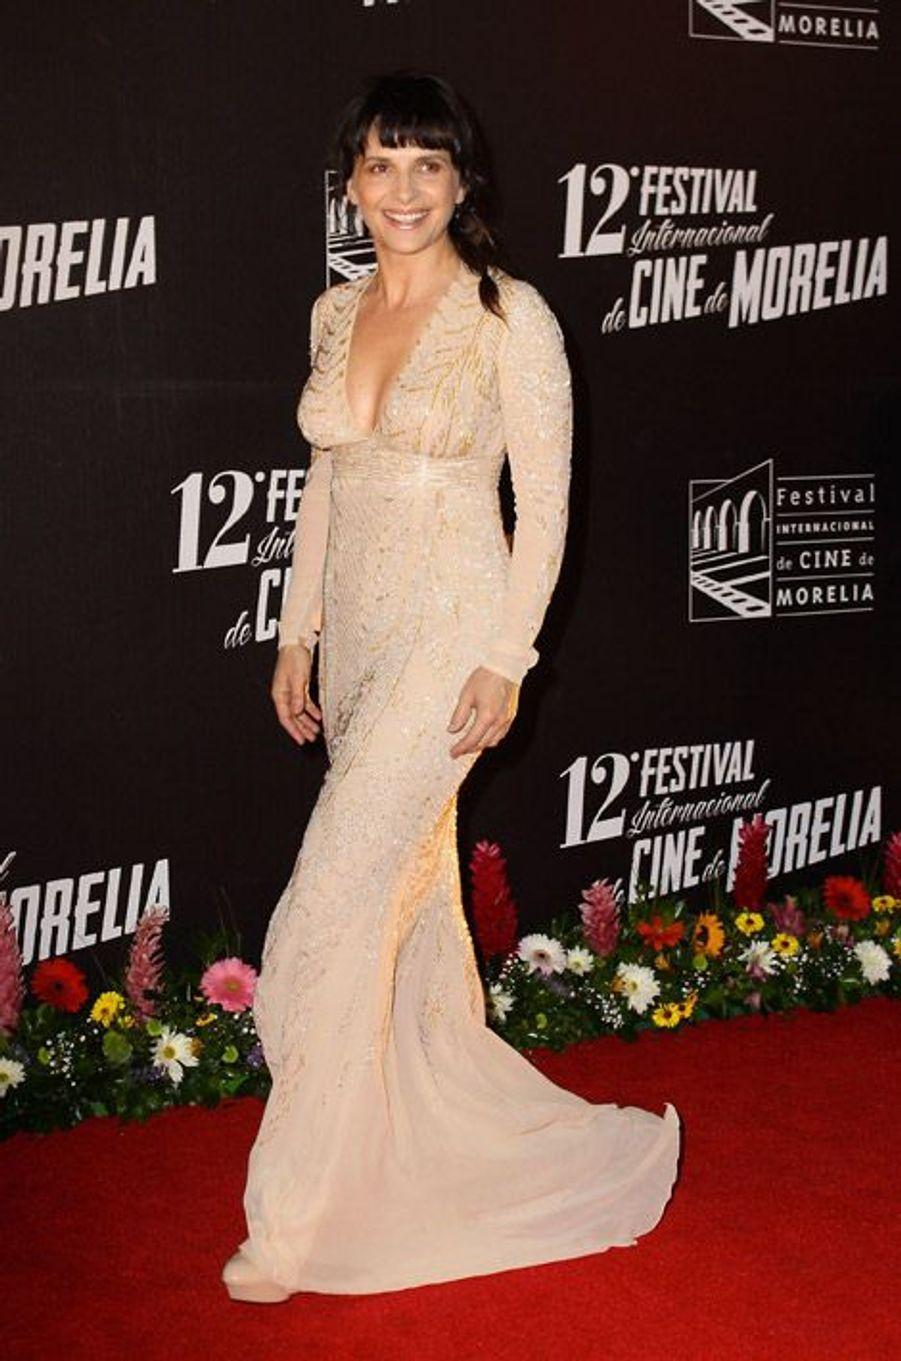 Juliette Binoche, 50 ans, lors du festival du film international de Morelia au Mexique, le 20 octobre 2014